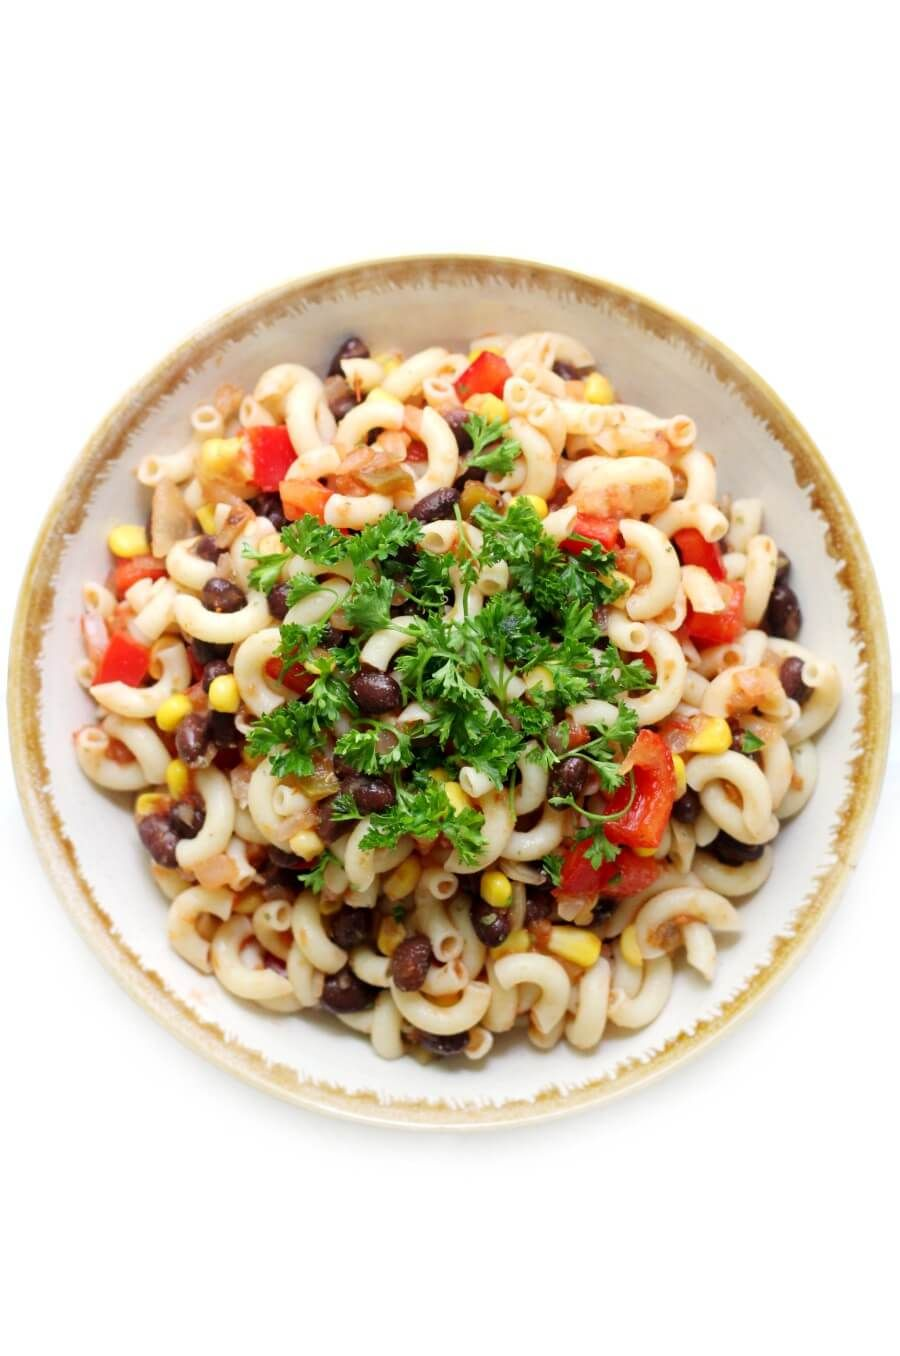 Easy GlutenFree Mexican Pasta Salad (Vegan, AllergyFree